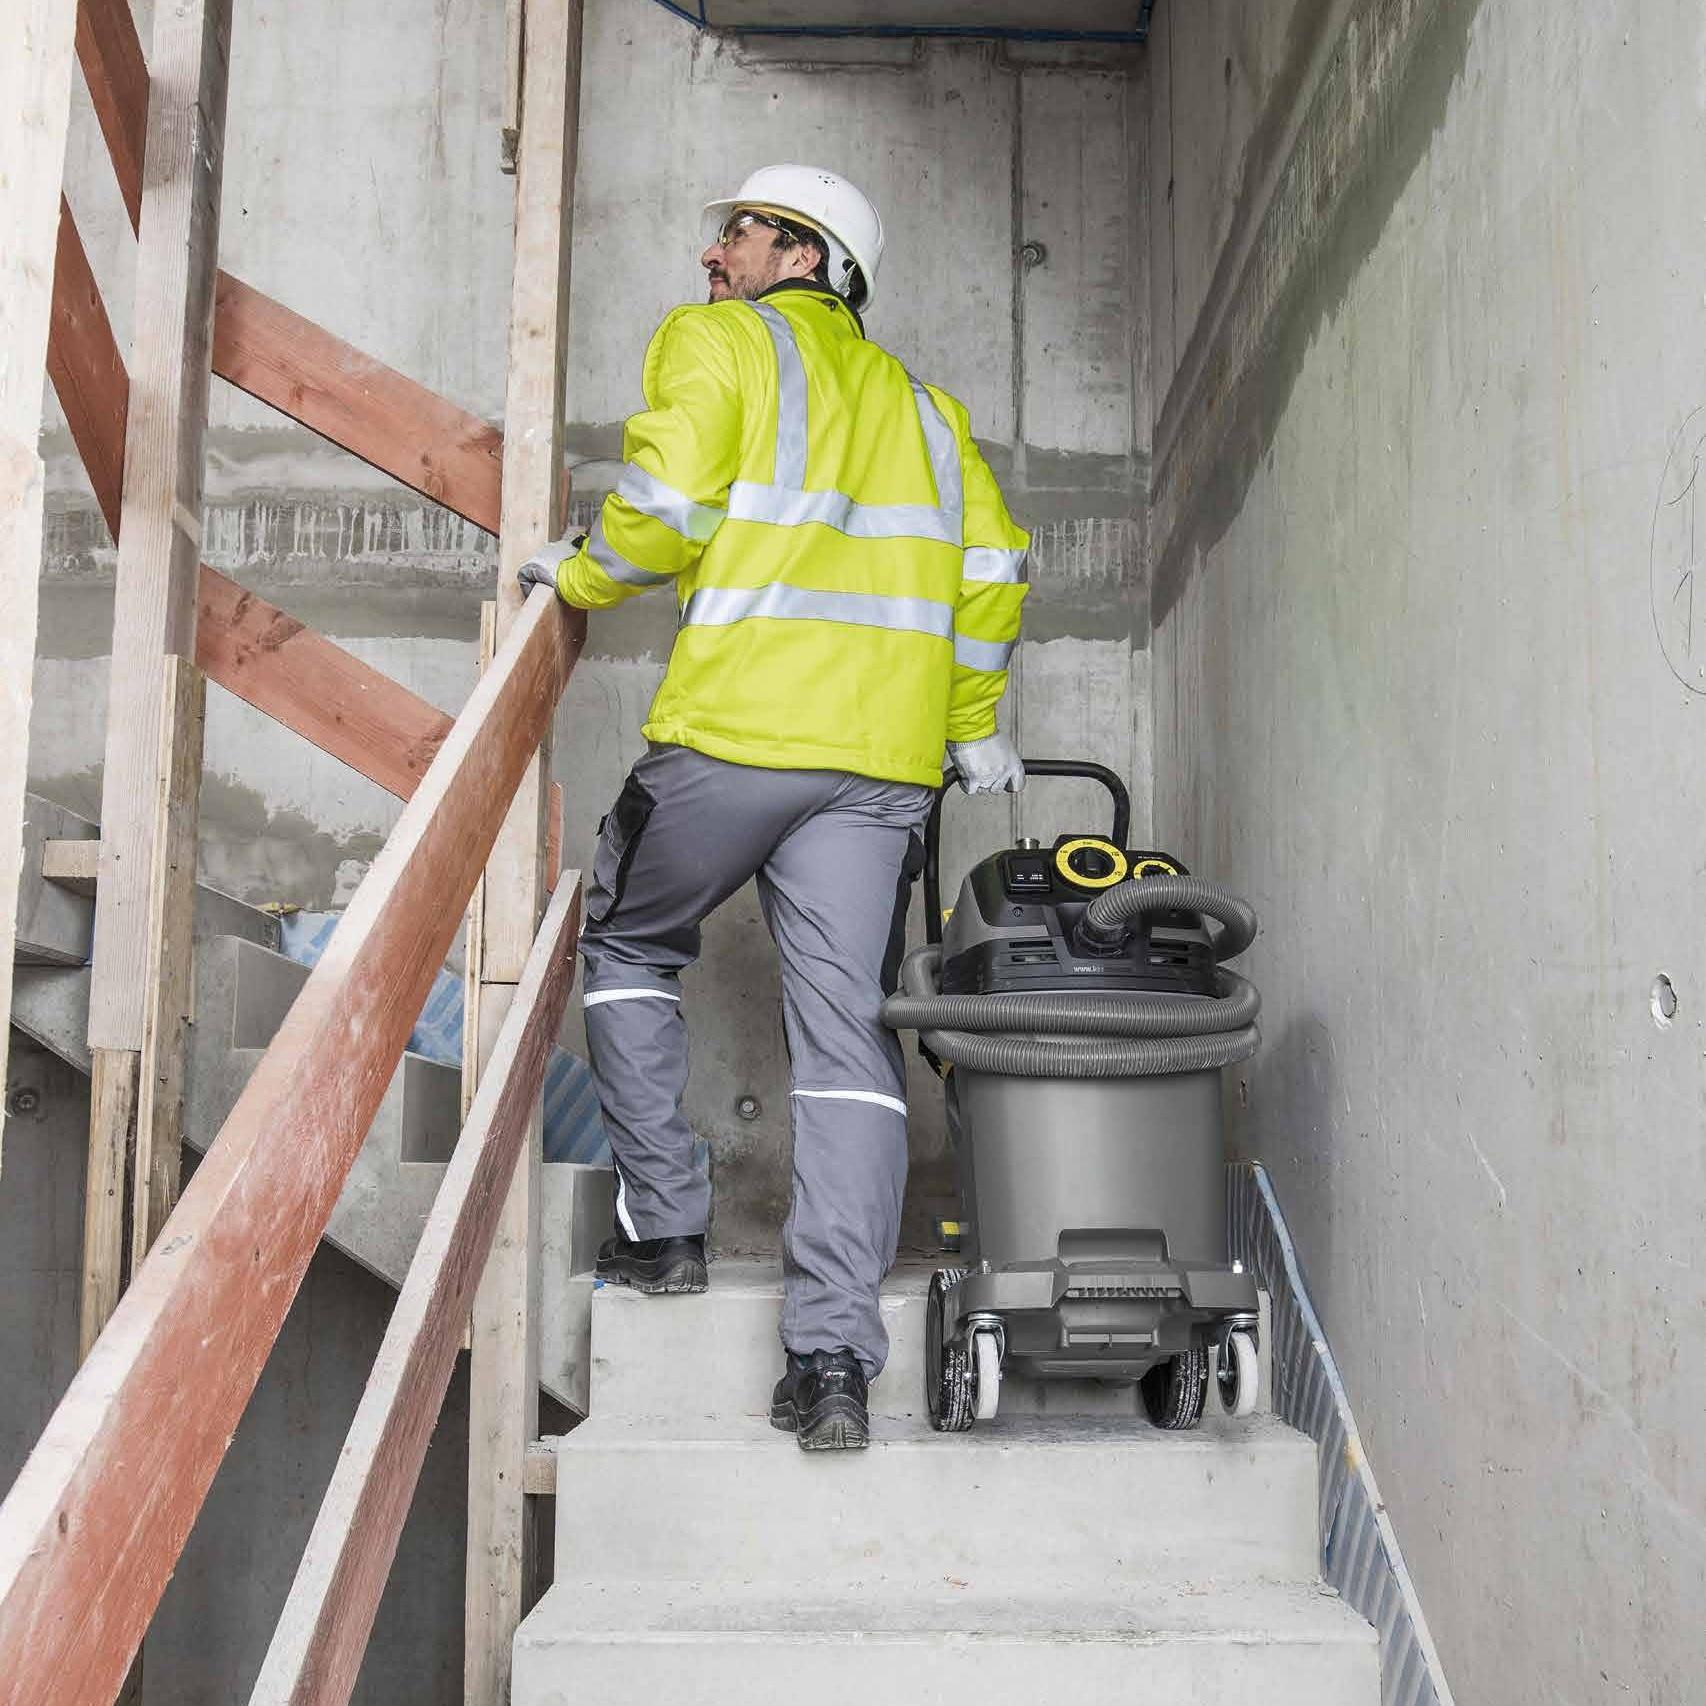 Karcher Floor Care Equipment